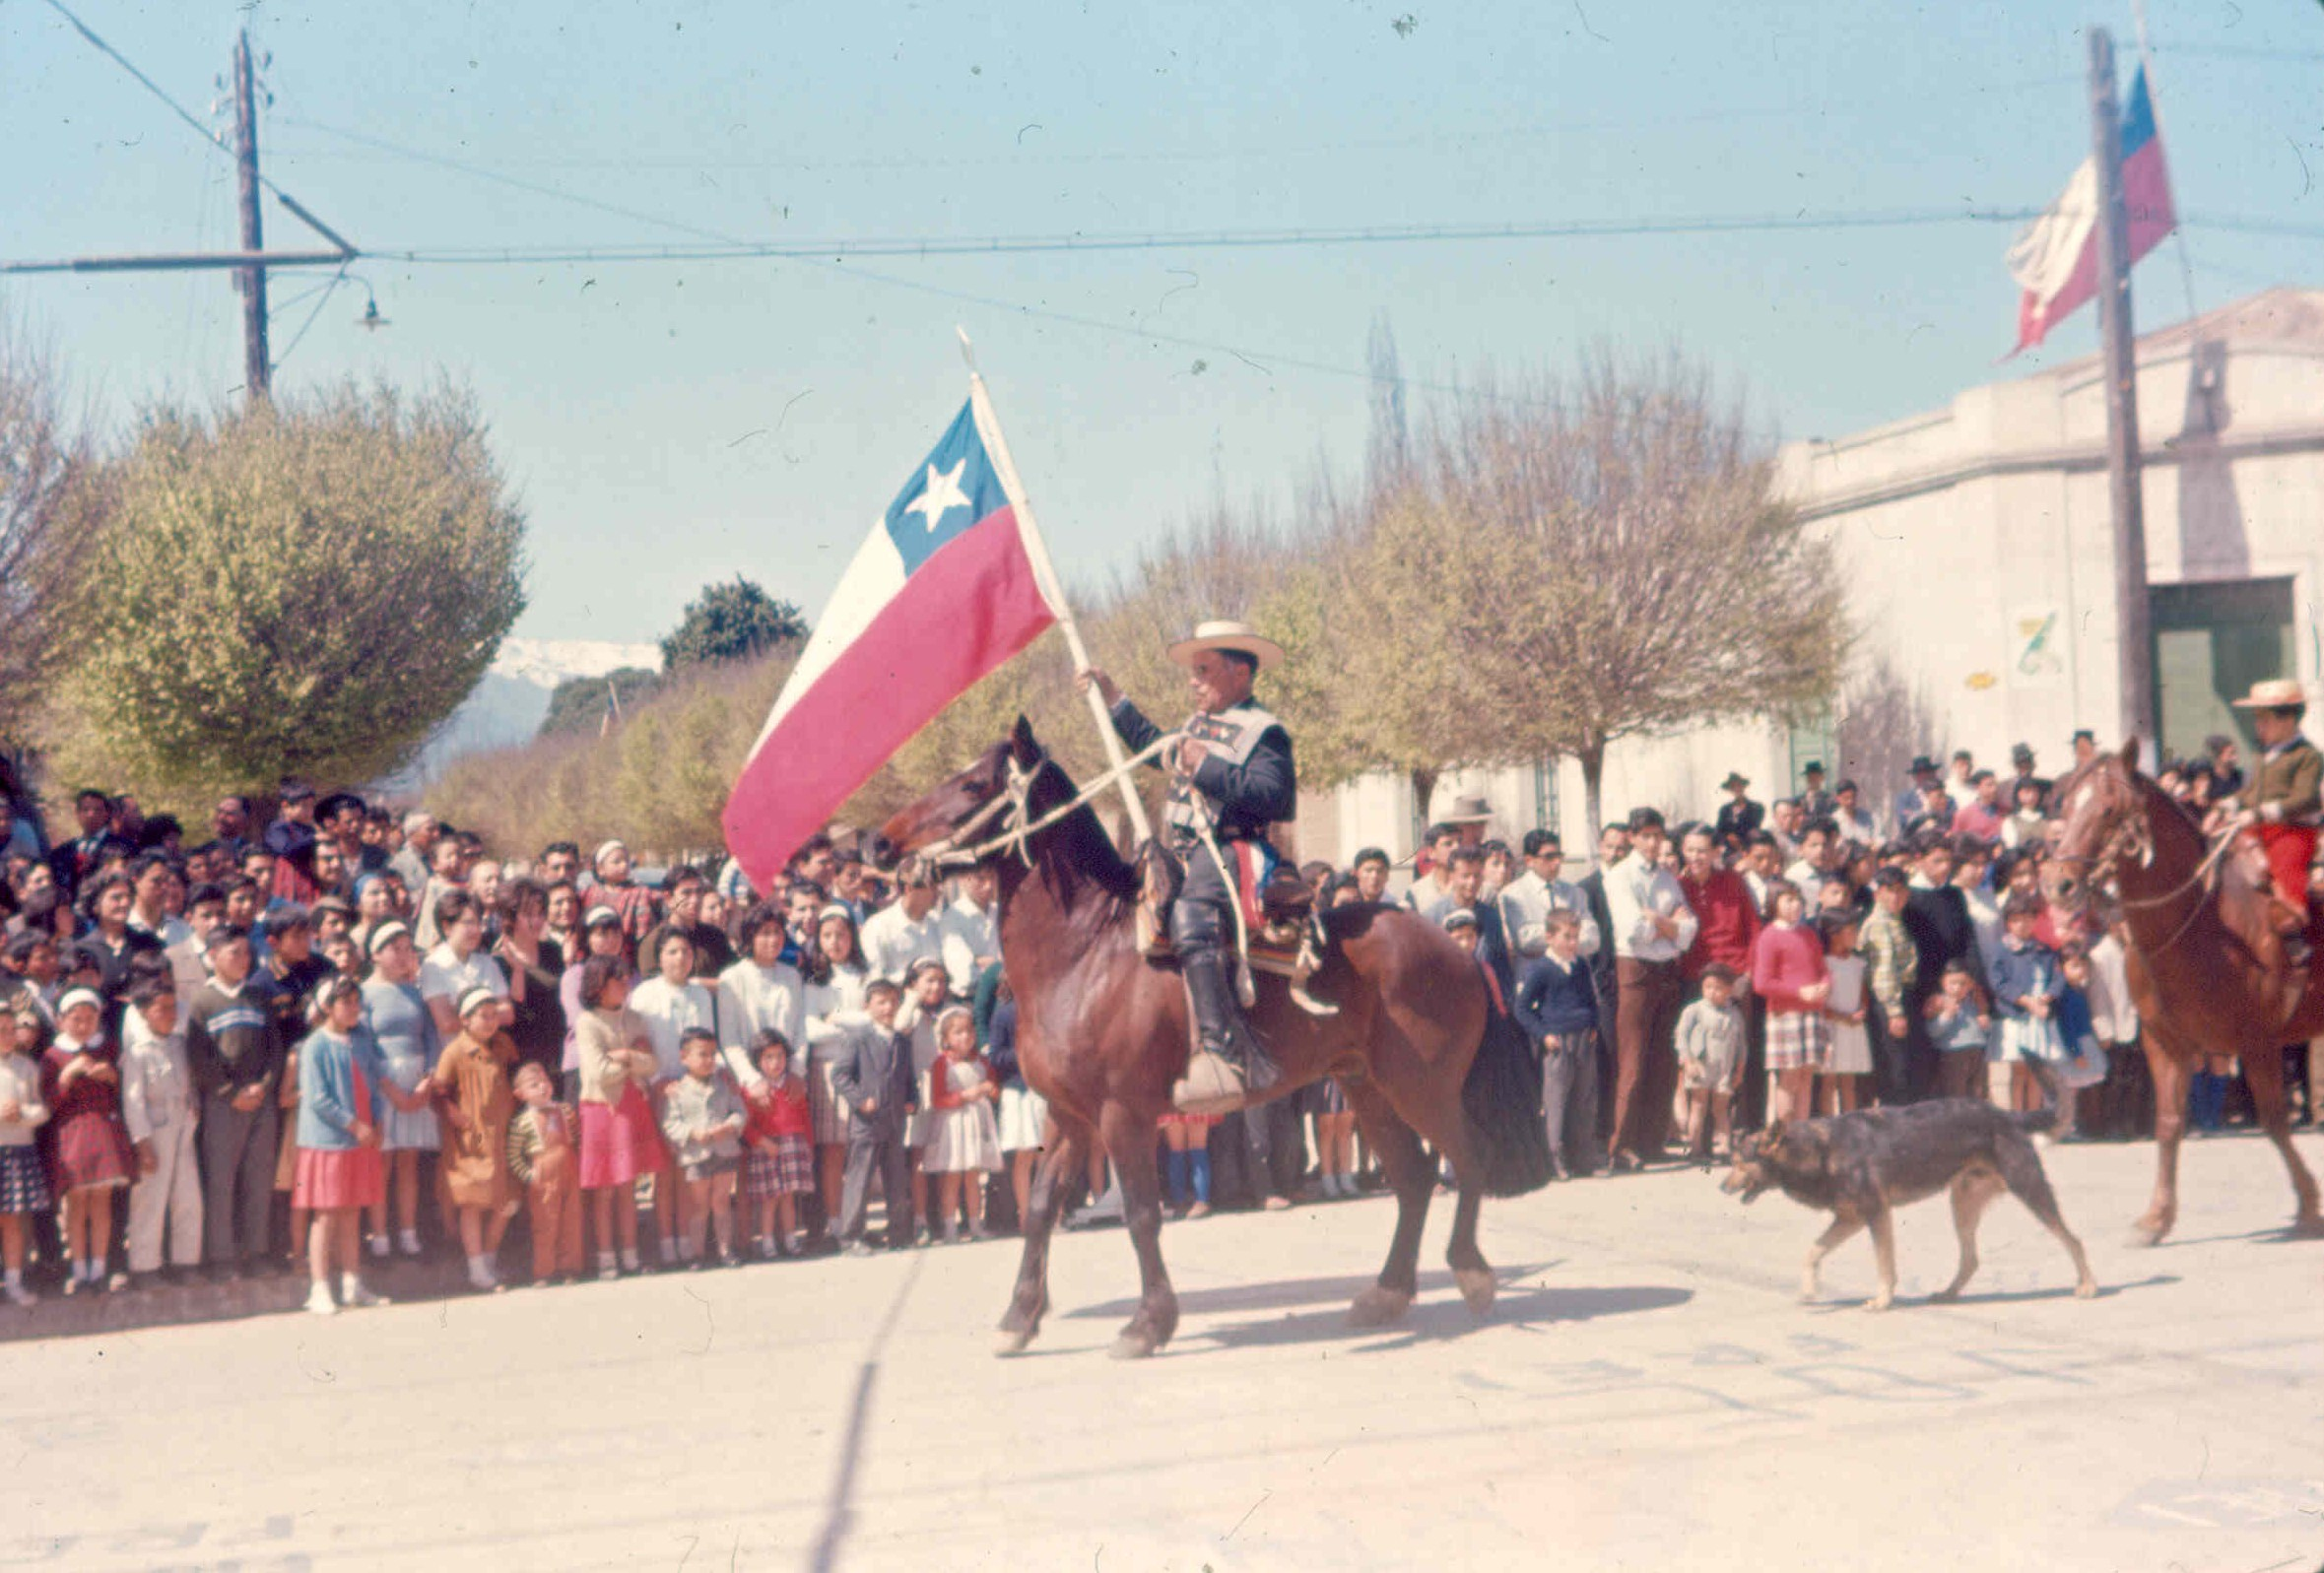 Enterreno - Fotos históricas de chile - fotos antiguas de Chile - San Francisco de Mostazal 1964